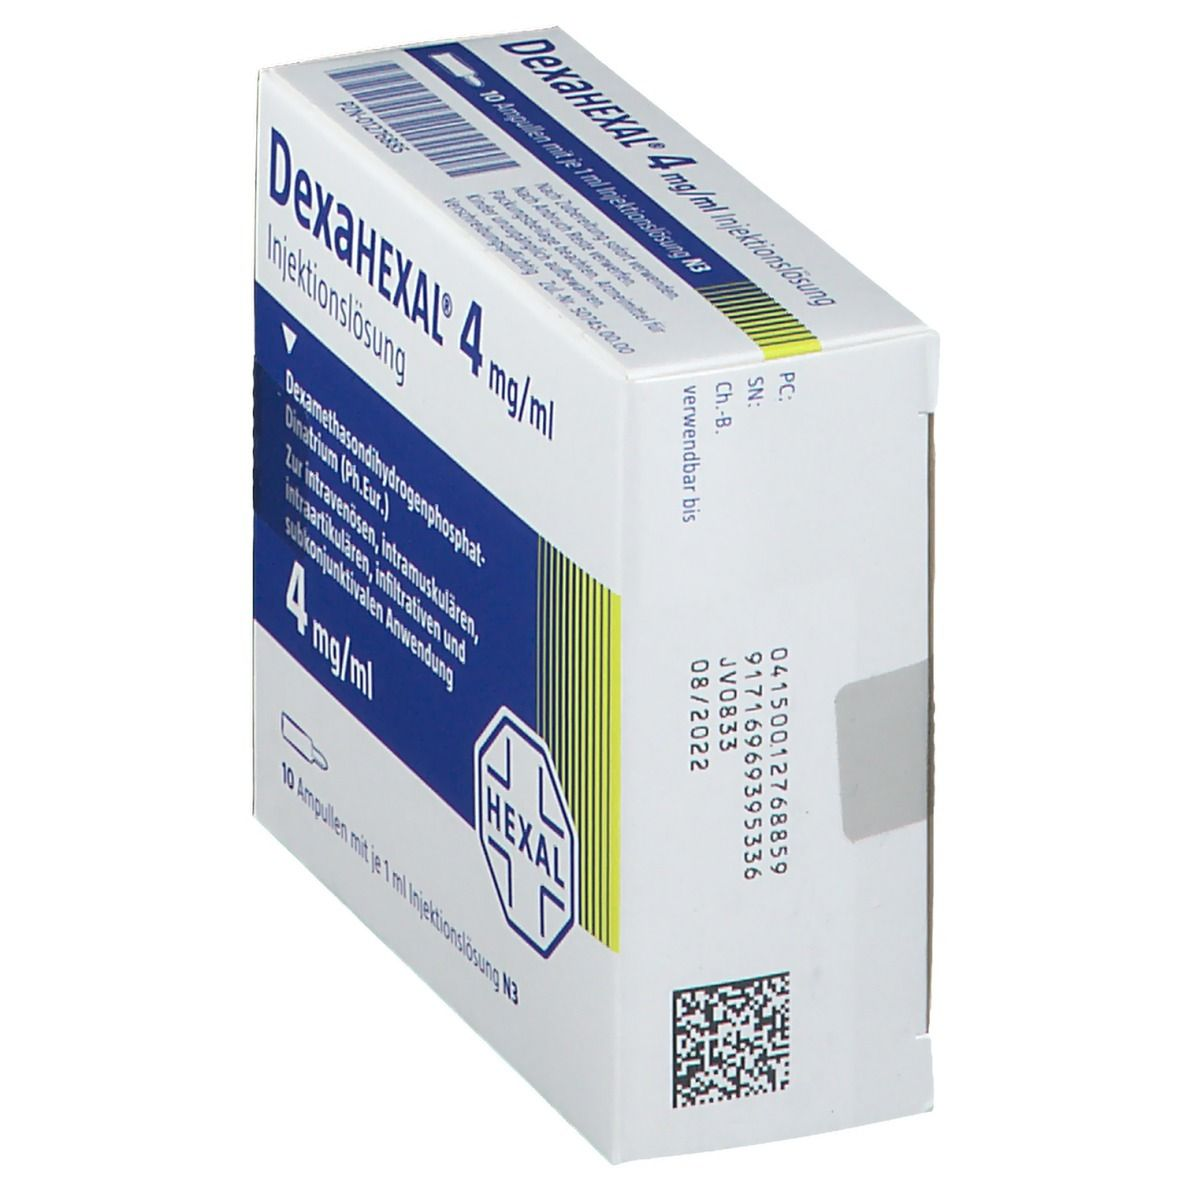 Dexahexal 4 mg/1 ml Ampullen